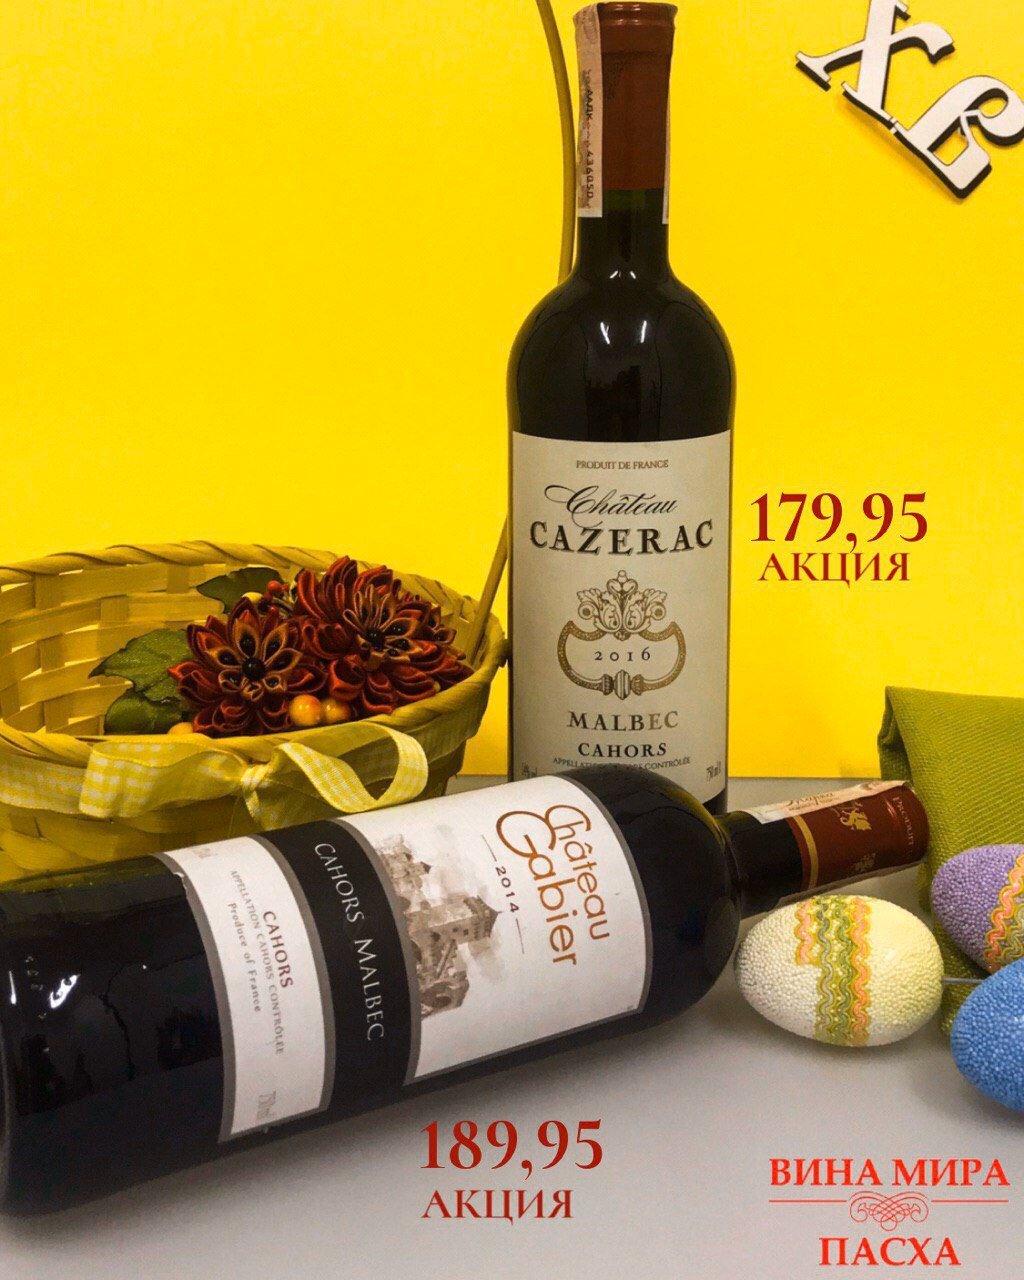 Лучшие вина к Пасхальному Воскресенью, фото-3